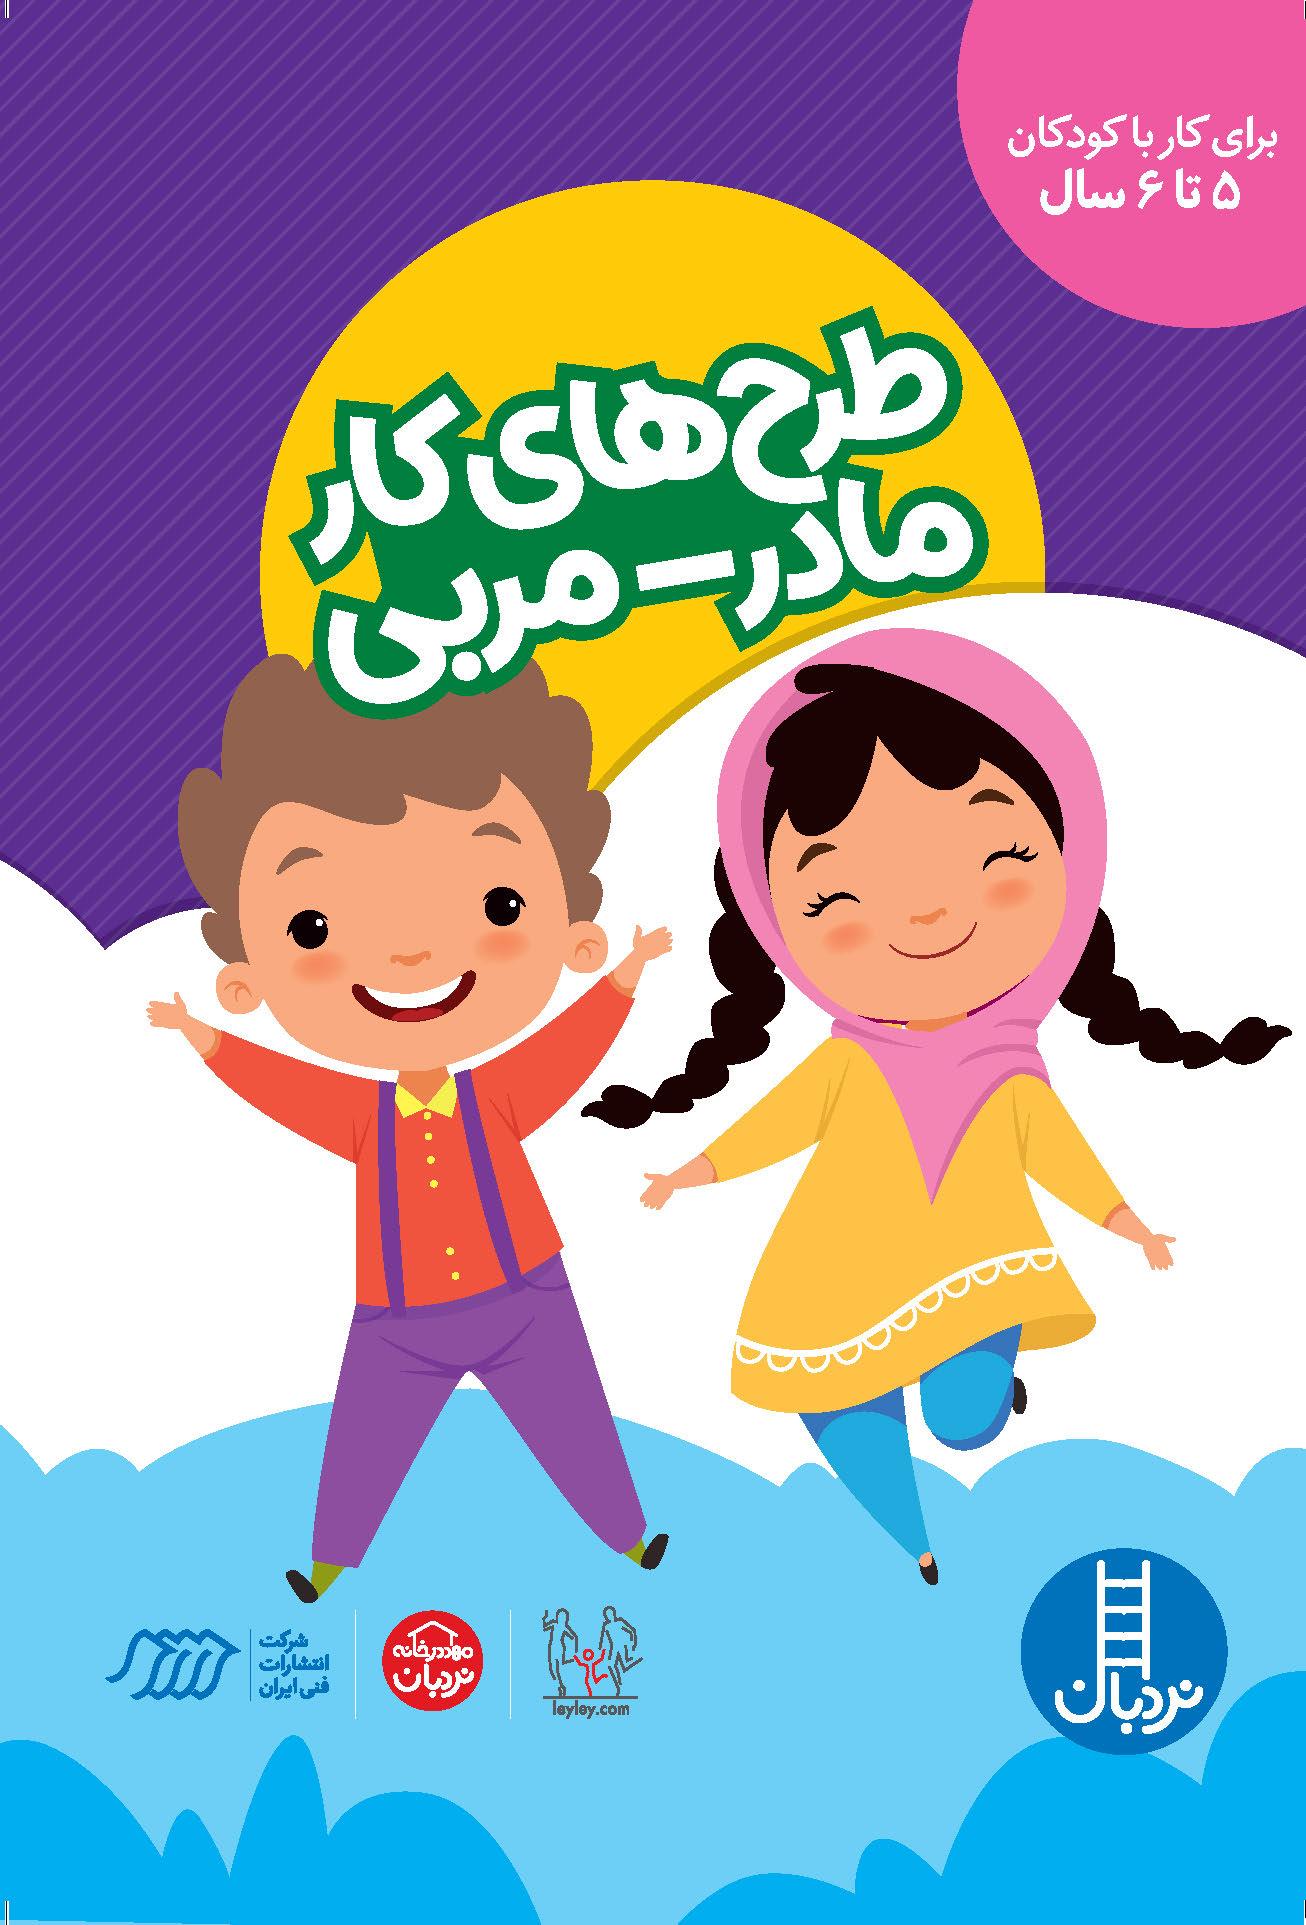 طرحهای کار مادر- مربی (برای کودکان 5 تا 6 سال)